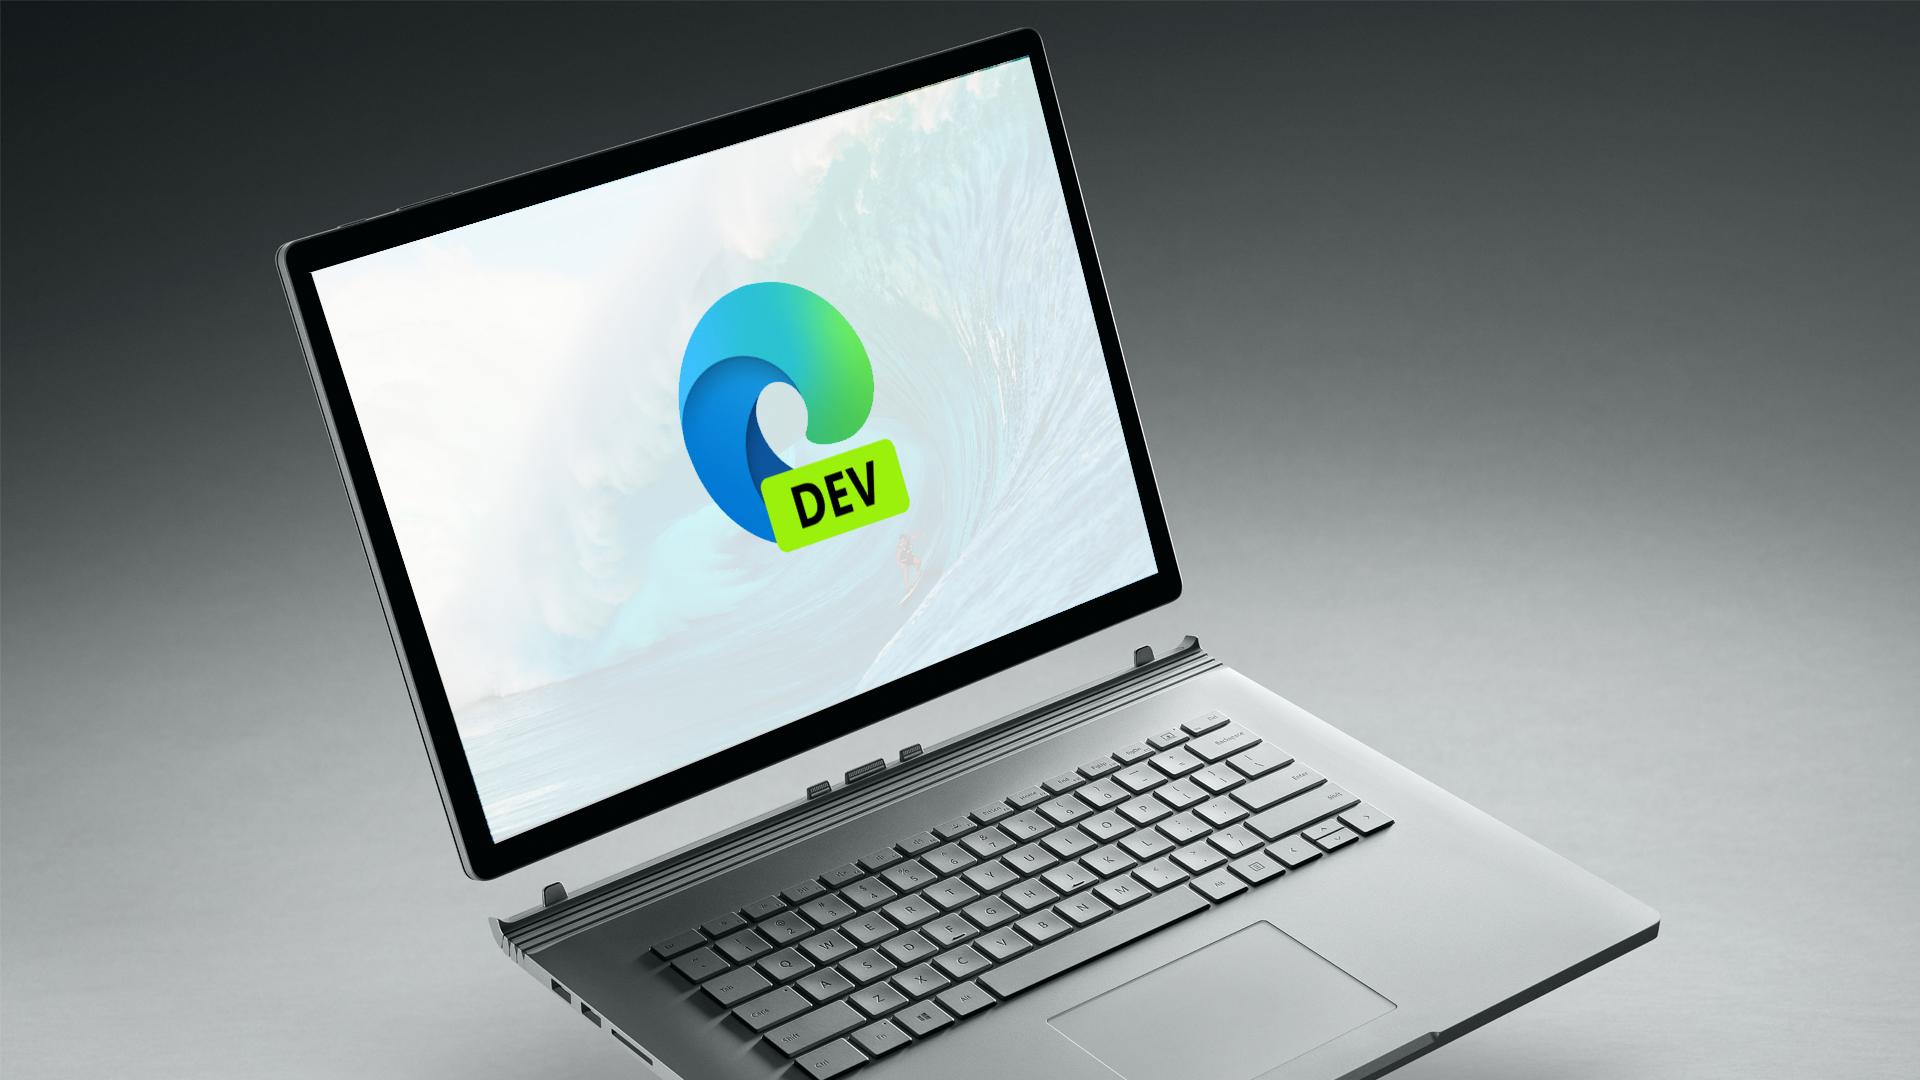 Microsoft Edge Dev est mis à jour vers la version 93.0.910.5